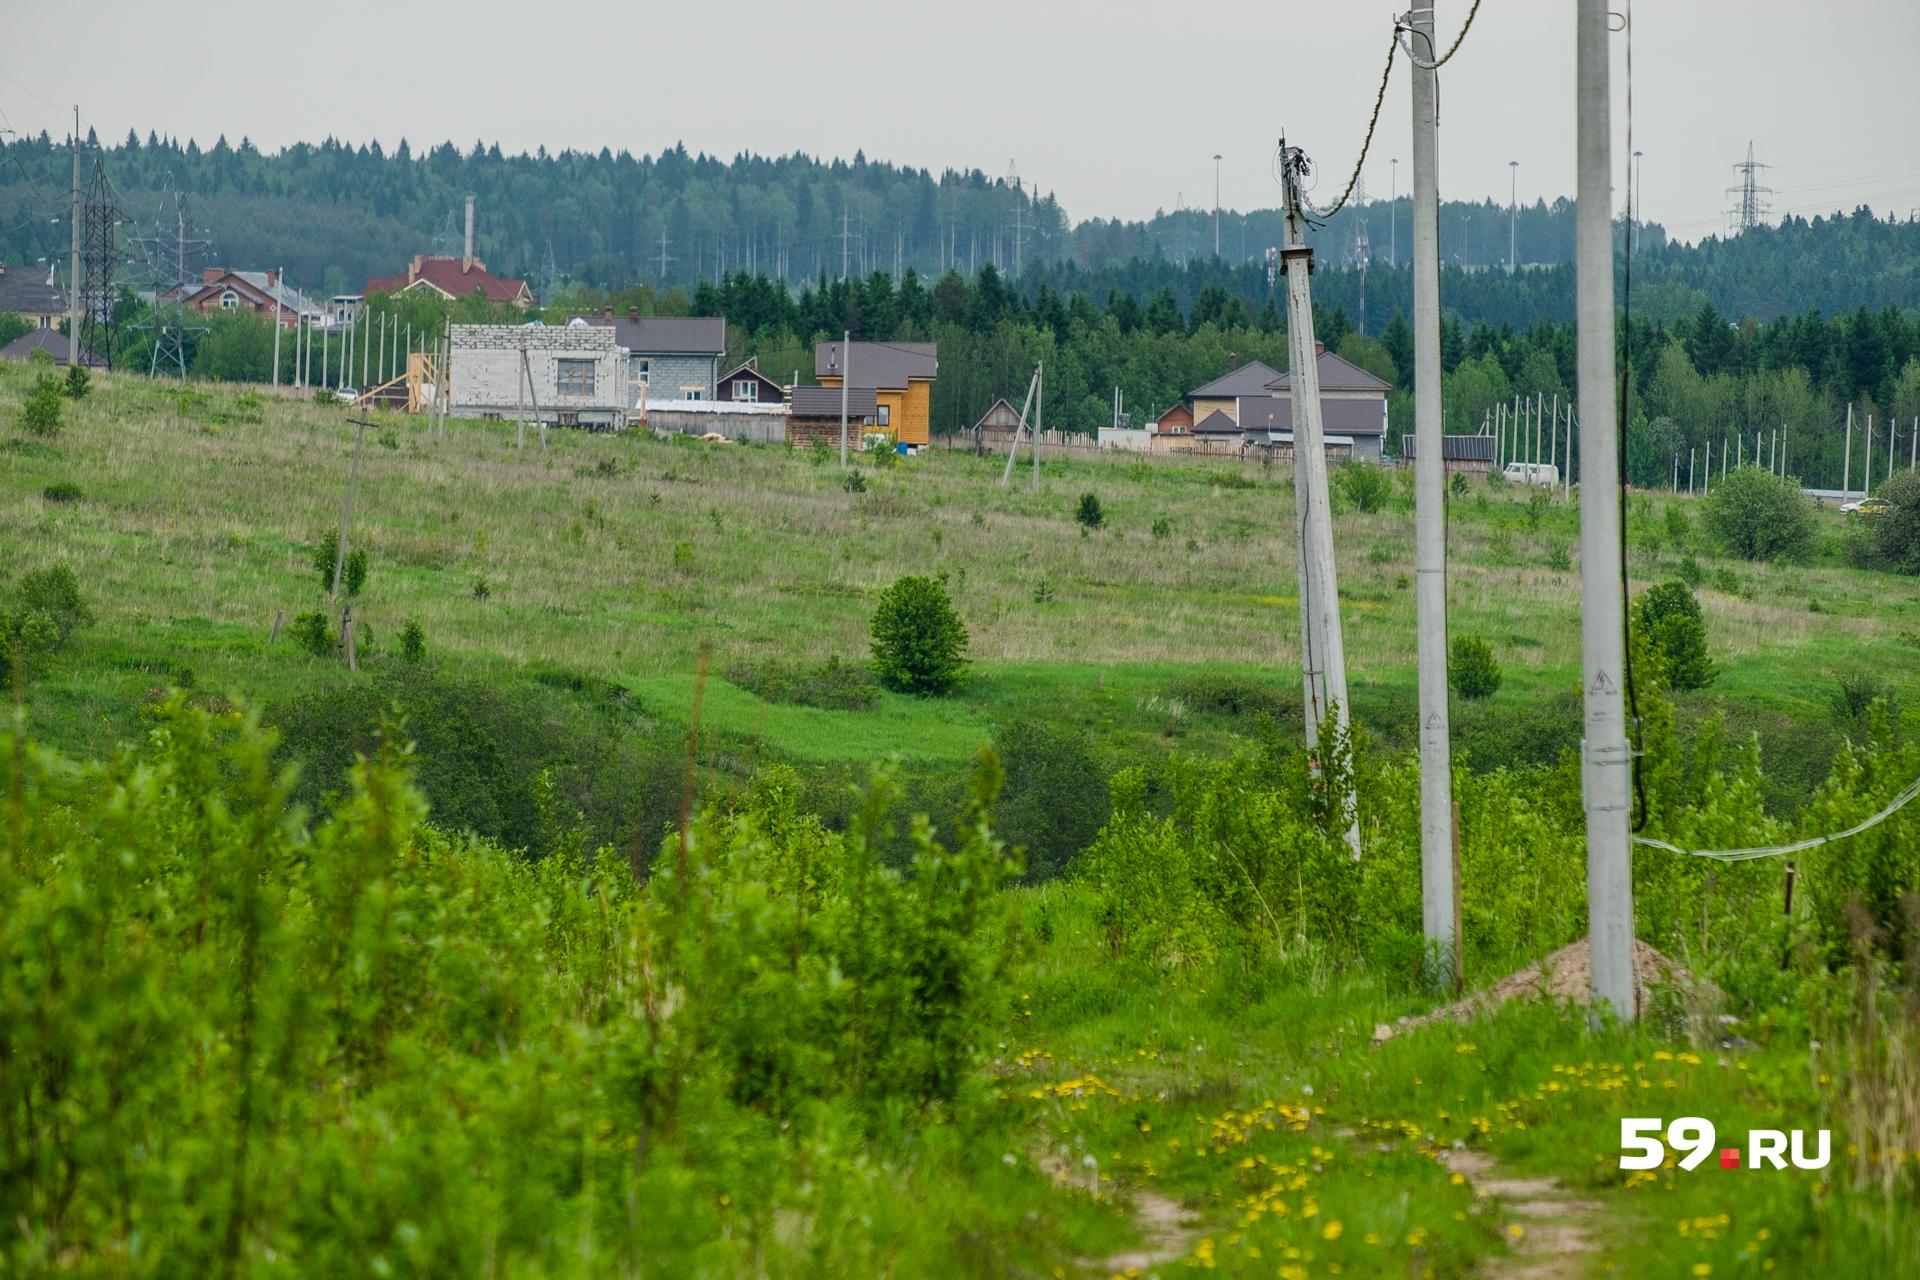 Рядом с участком Турок еще несколько домов и чистое поле